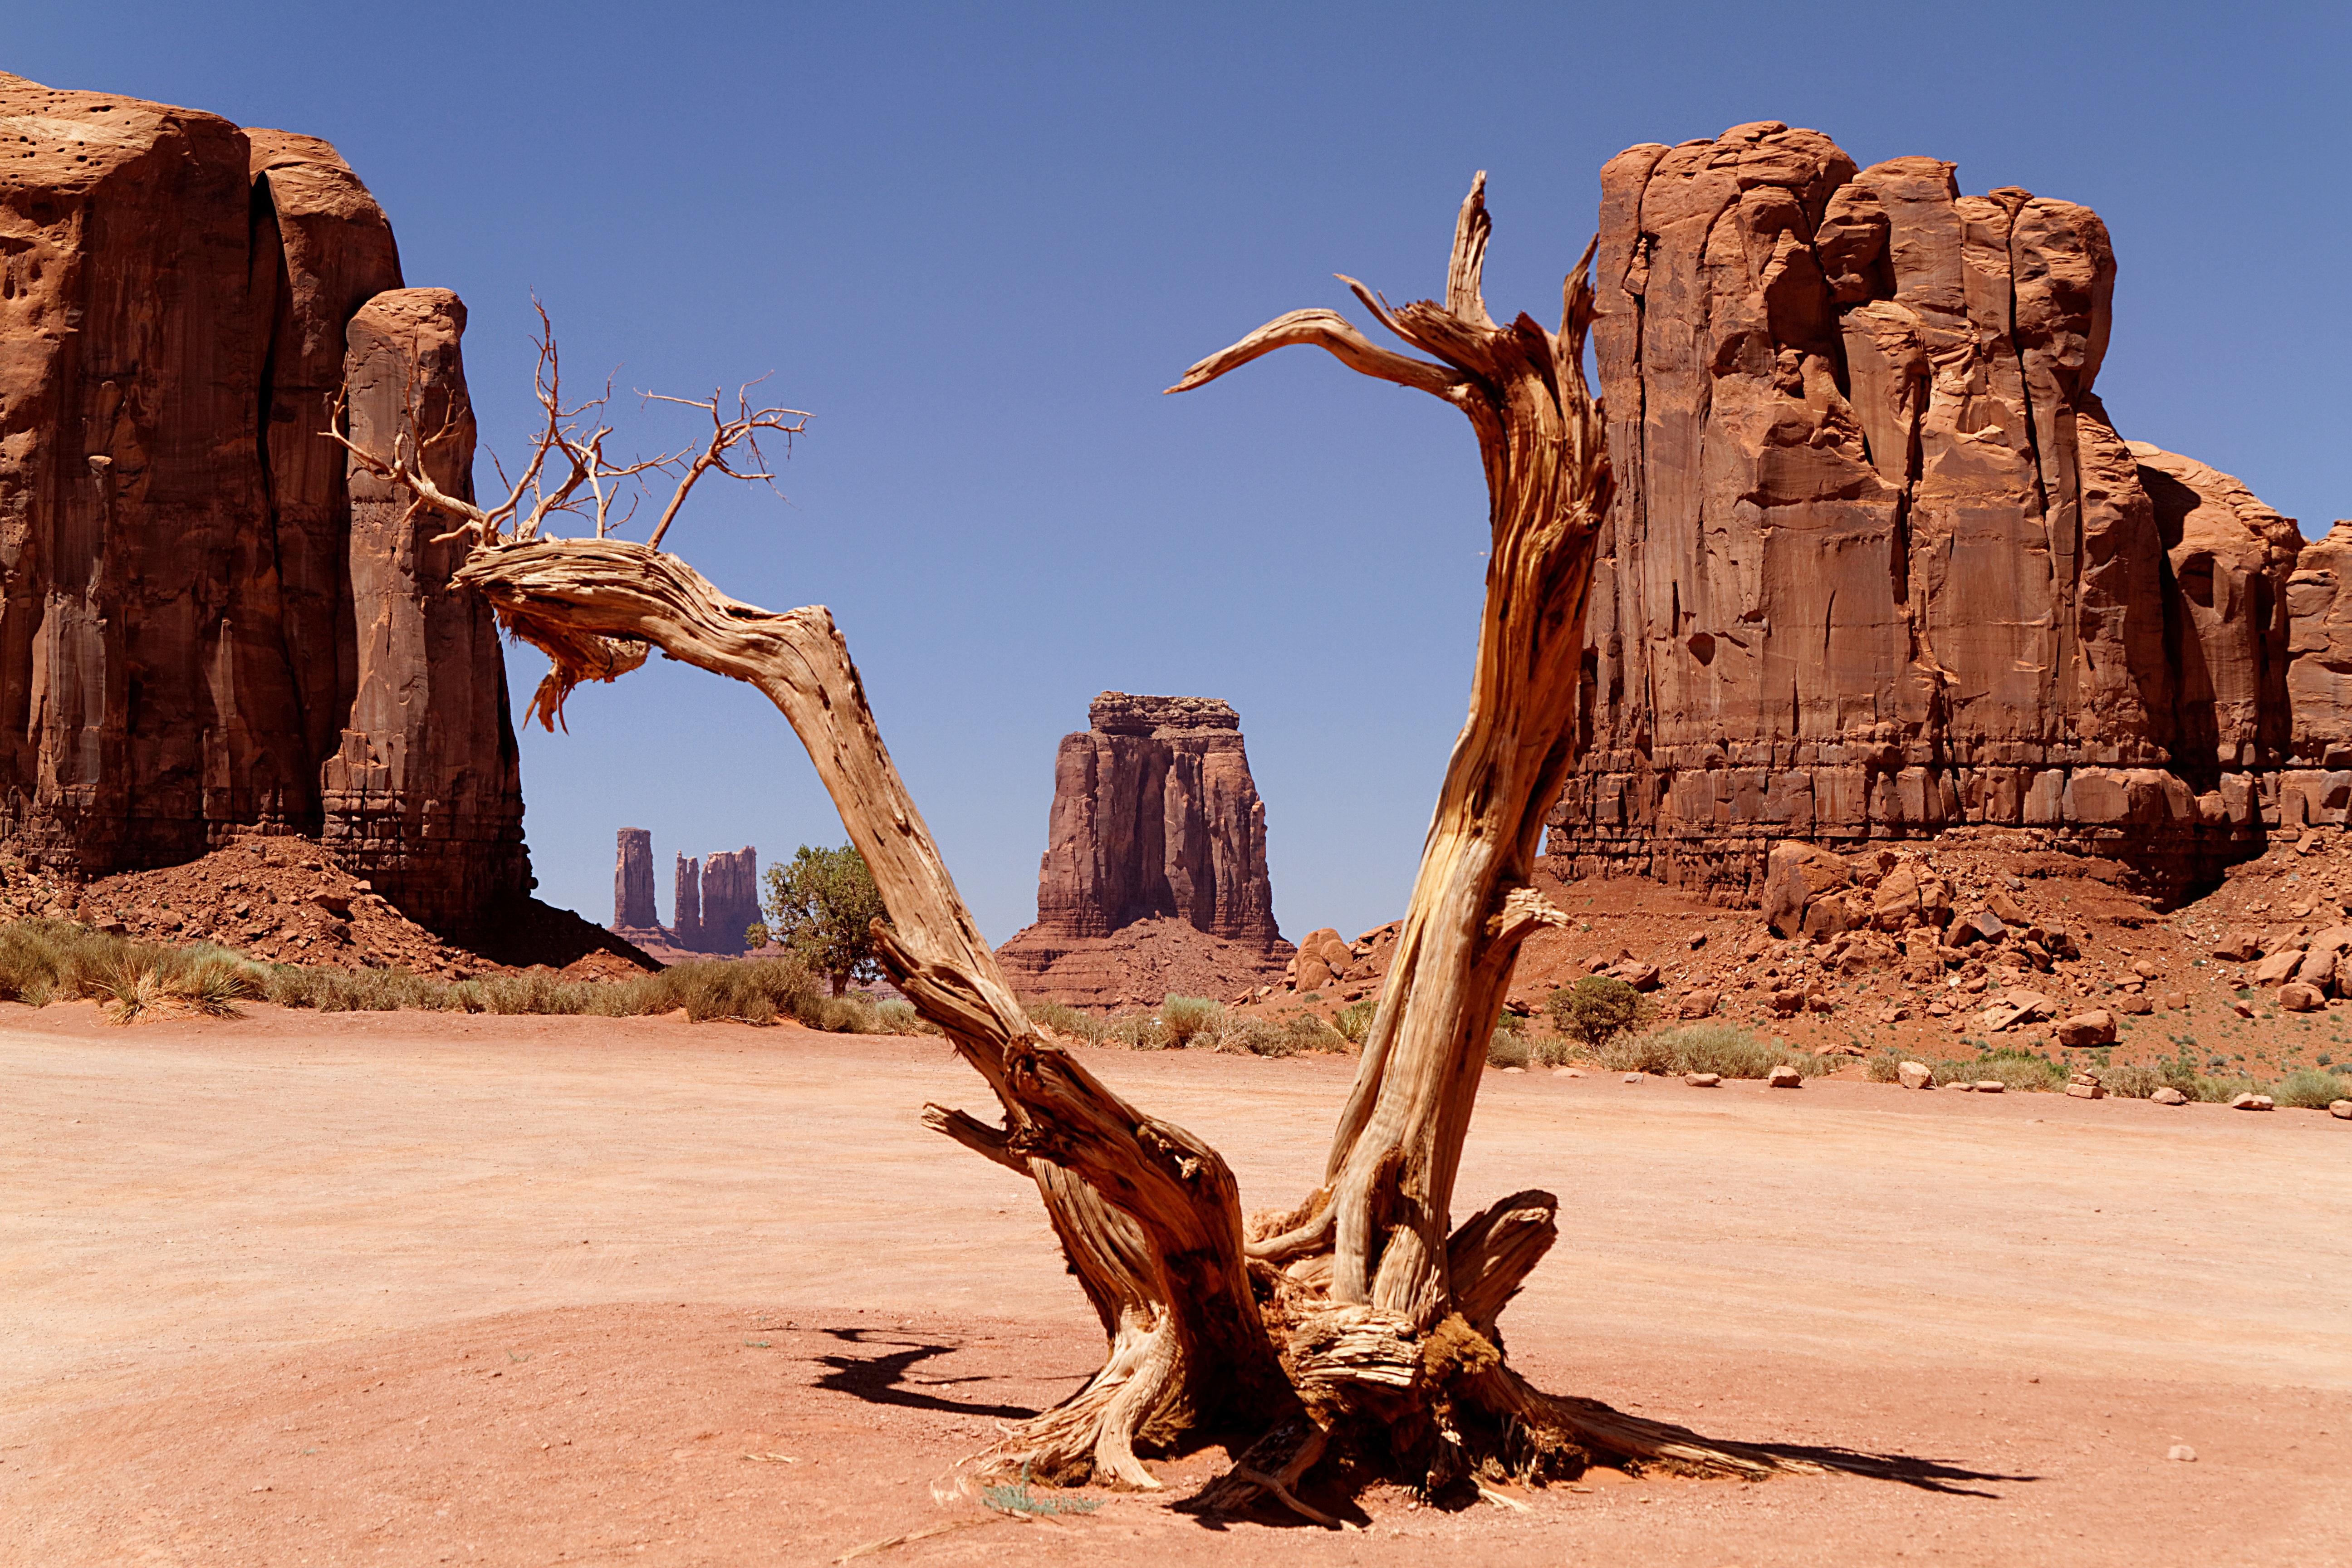 Free stock photo of landscape, sand, desert, dry